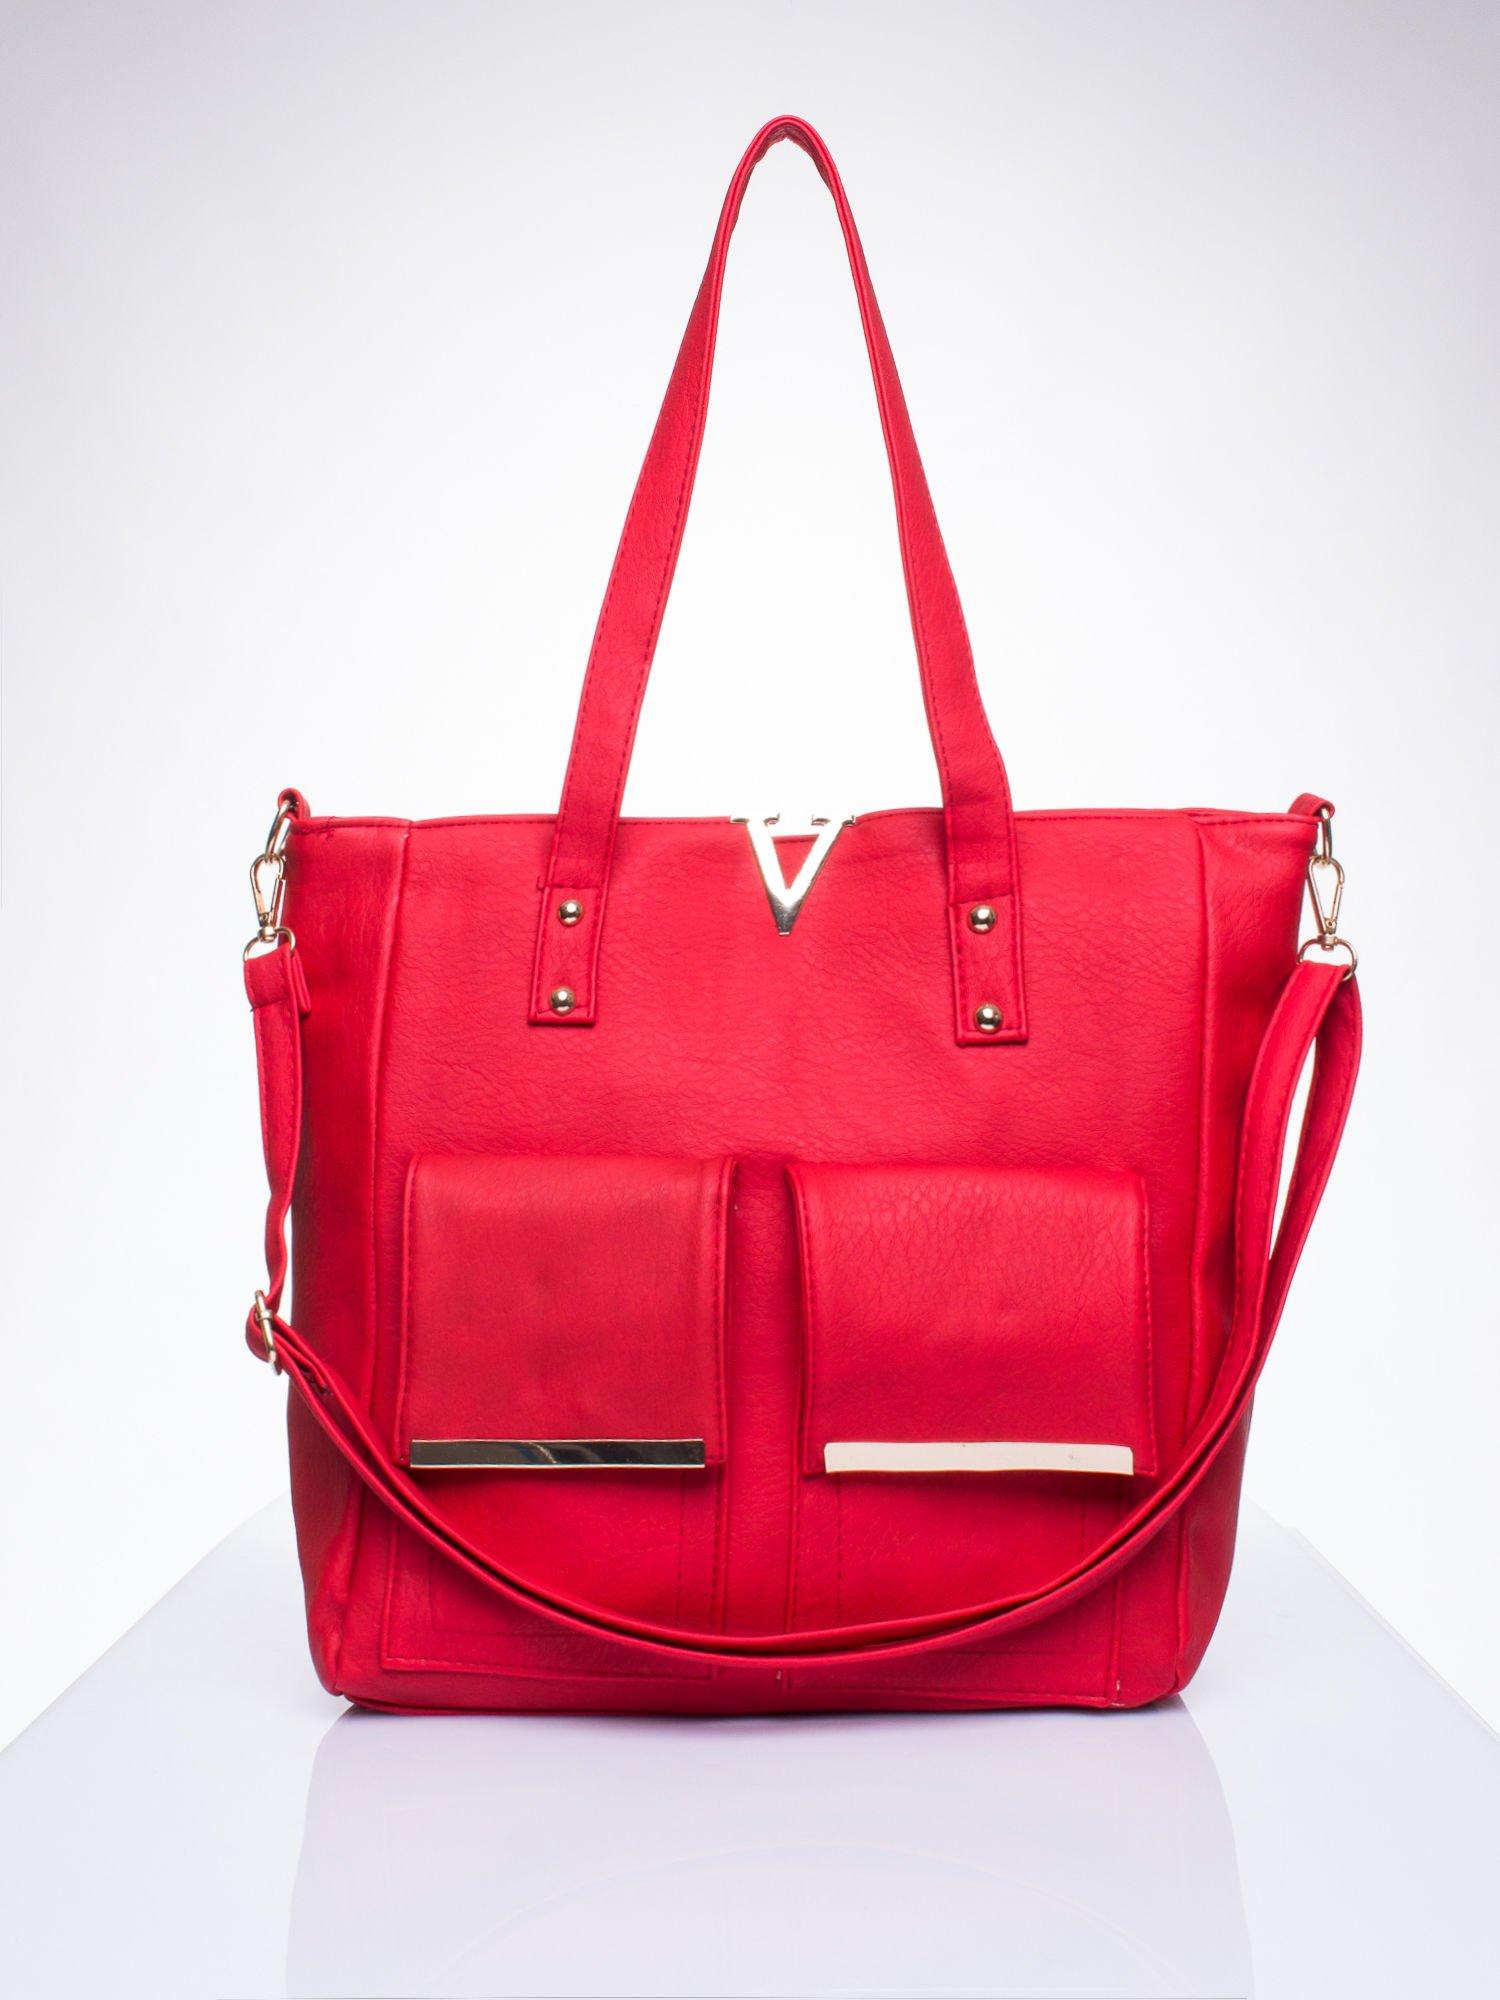 Czerwona torba shopper bag ze kieszeniami na klapki                                  zdj.                                  1